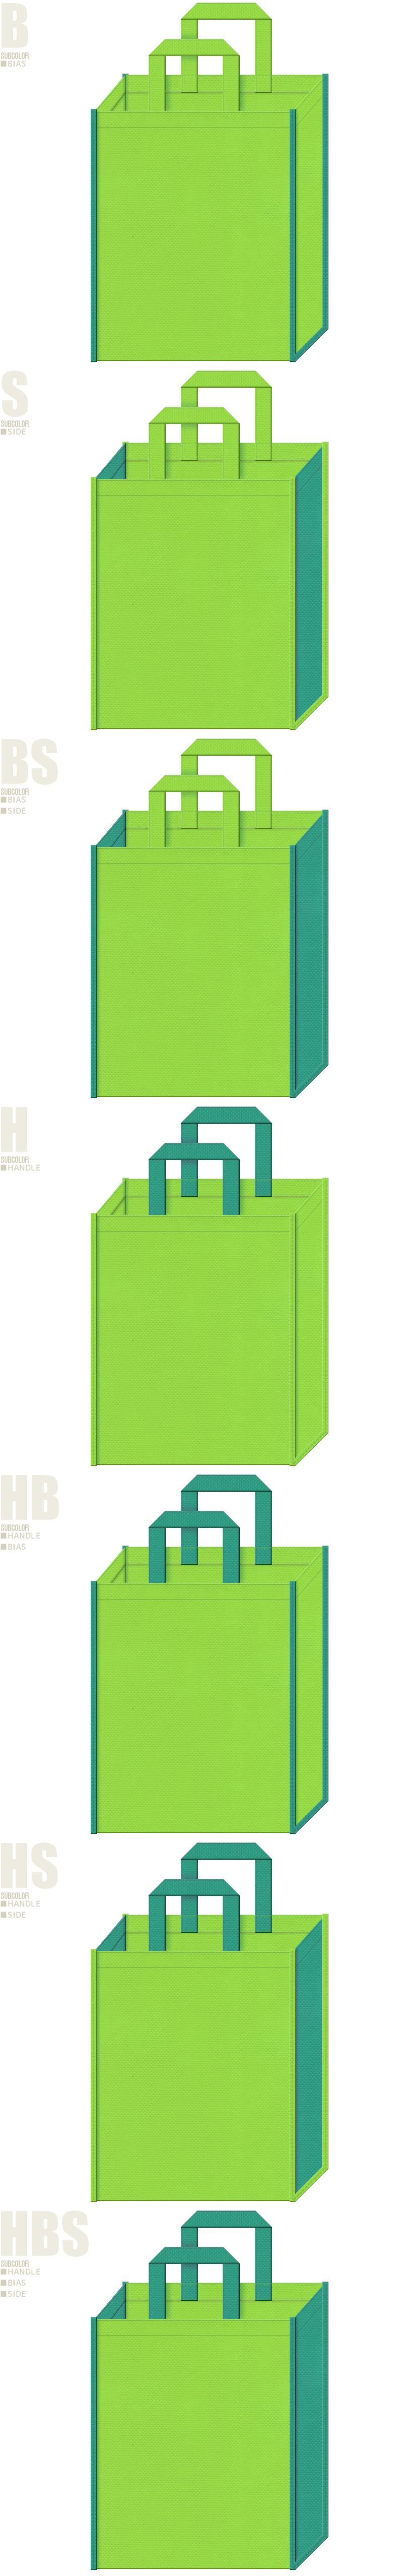 ロールプレイングゲーム・新緑イベント・緑化推進・環境イベント・エコバッグ・園芸用品の展示会用バッグにお奨めの不織布バッグデザイン:黄緑色と青緑色の配色7パターン